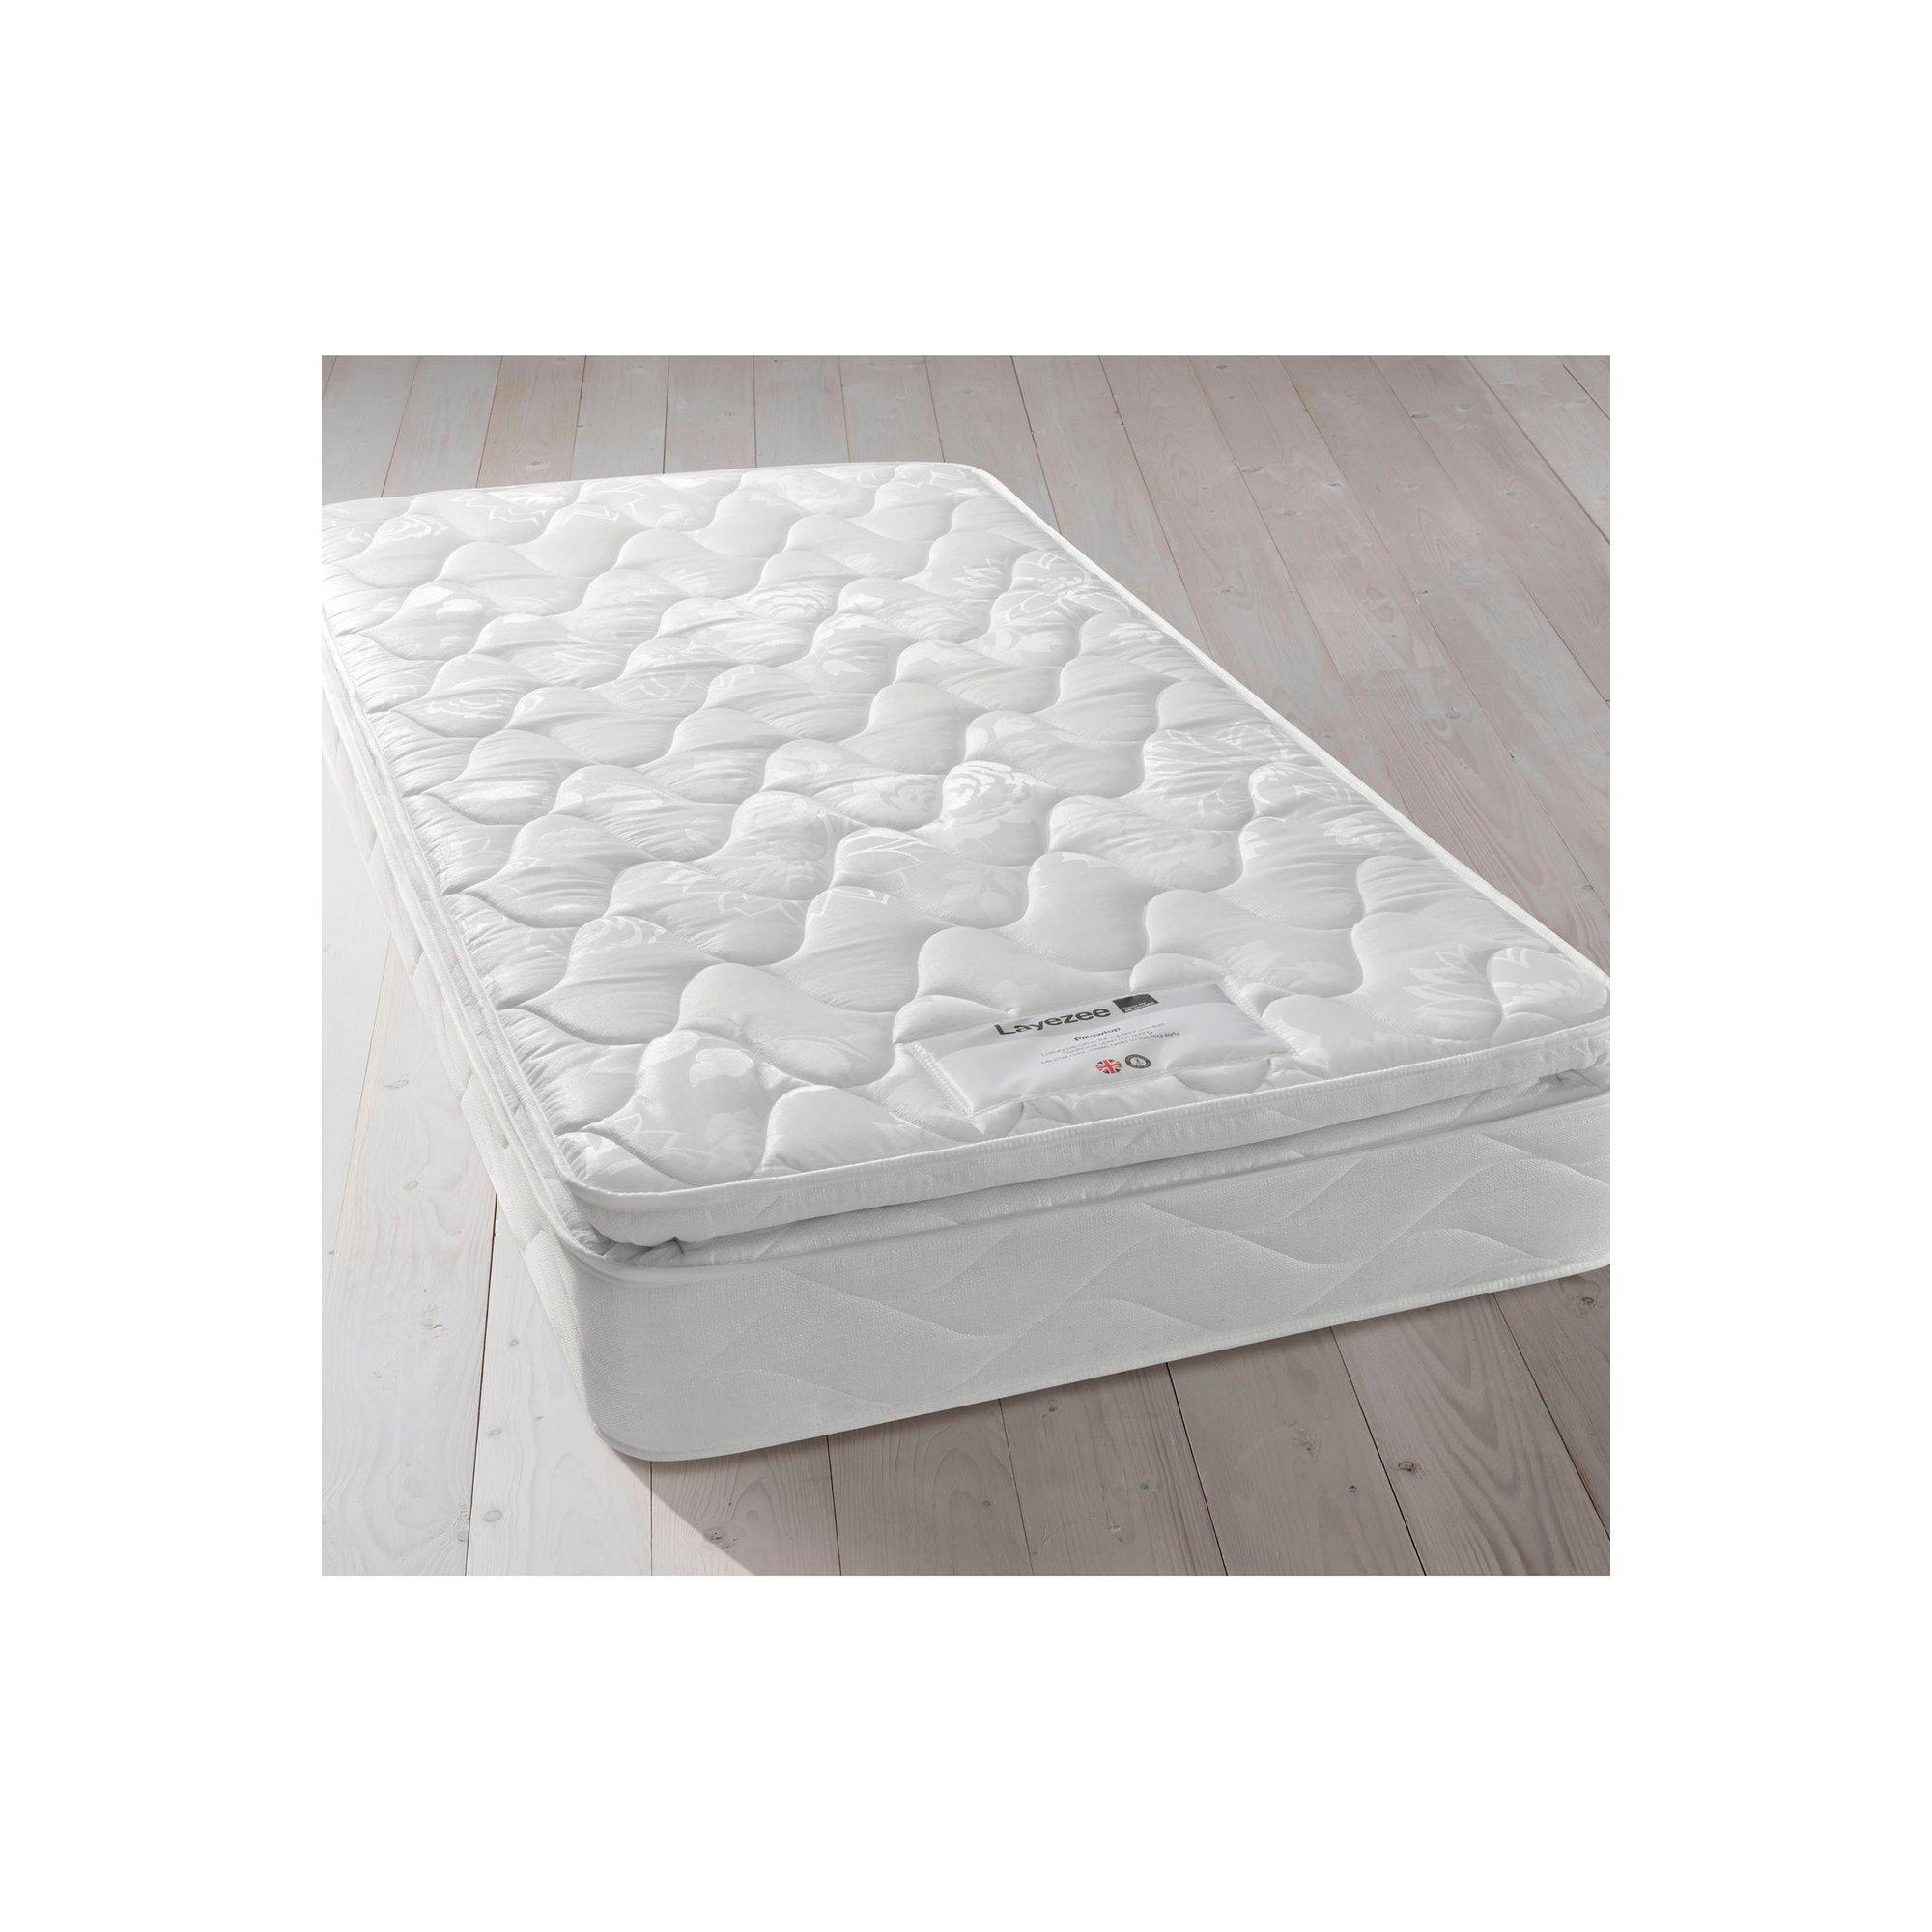 Image of Bonnell Pillow Top Mattress